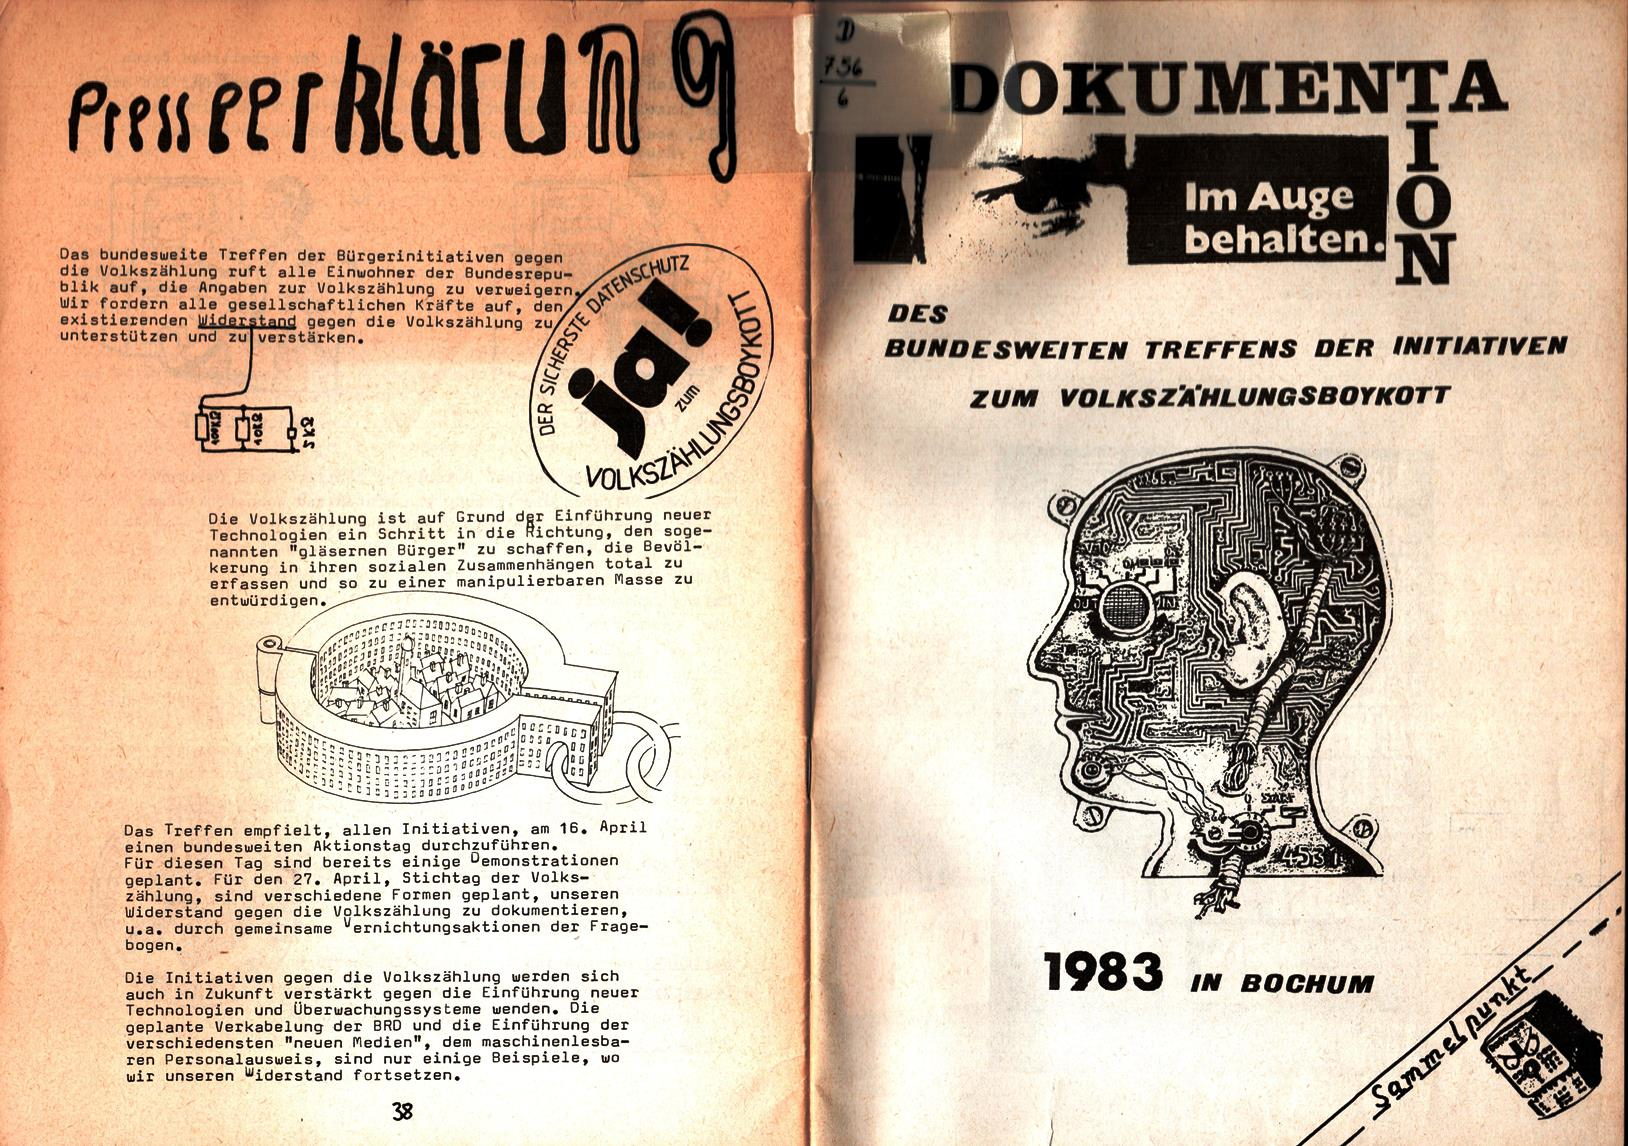 Bochum_1983_Volkszaehlungsboykotttreffen_001